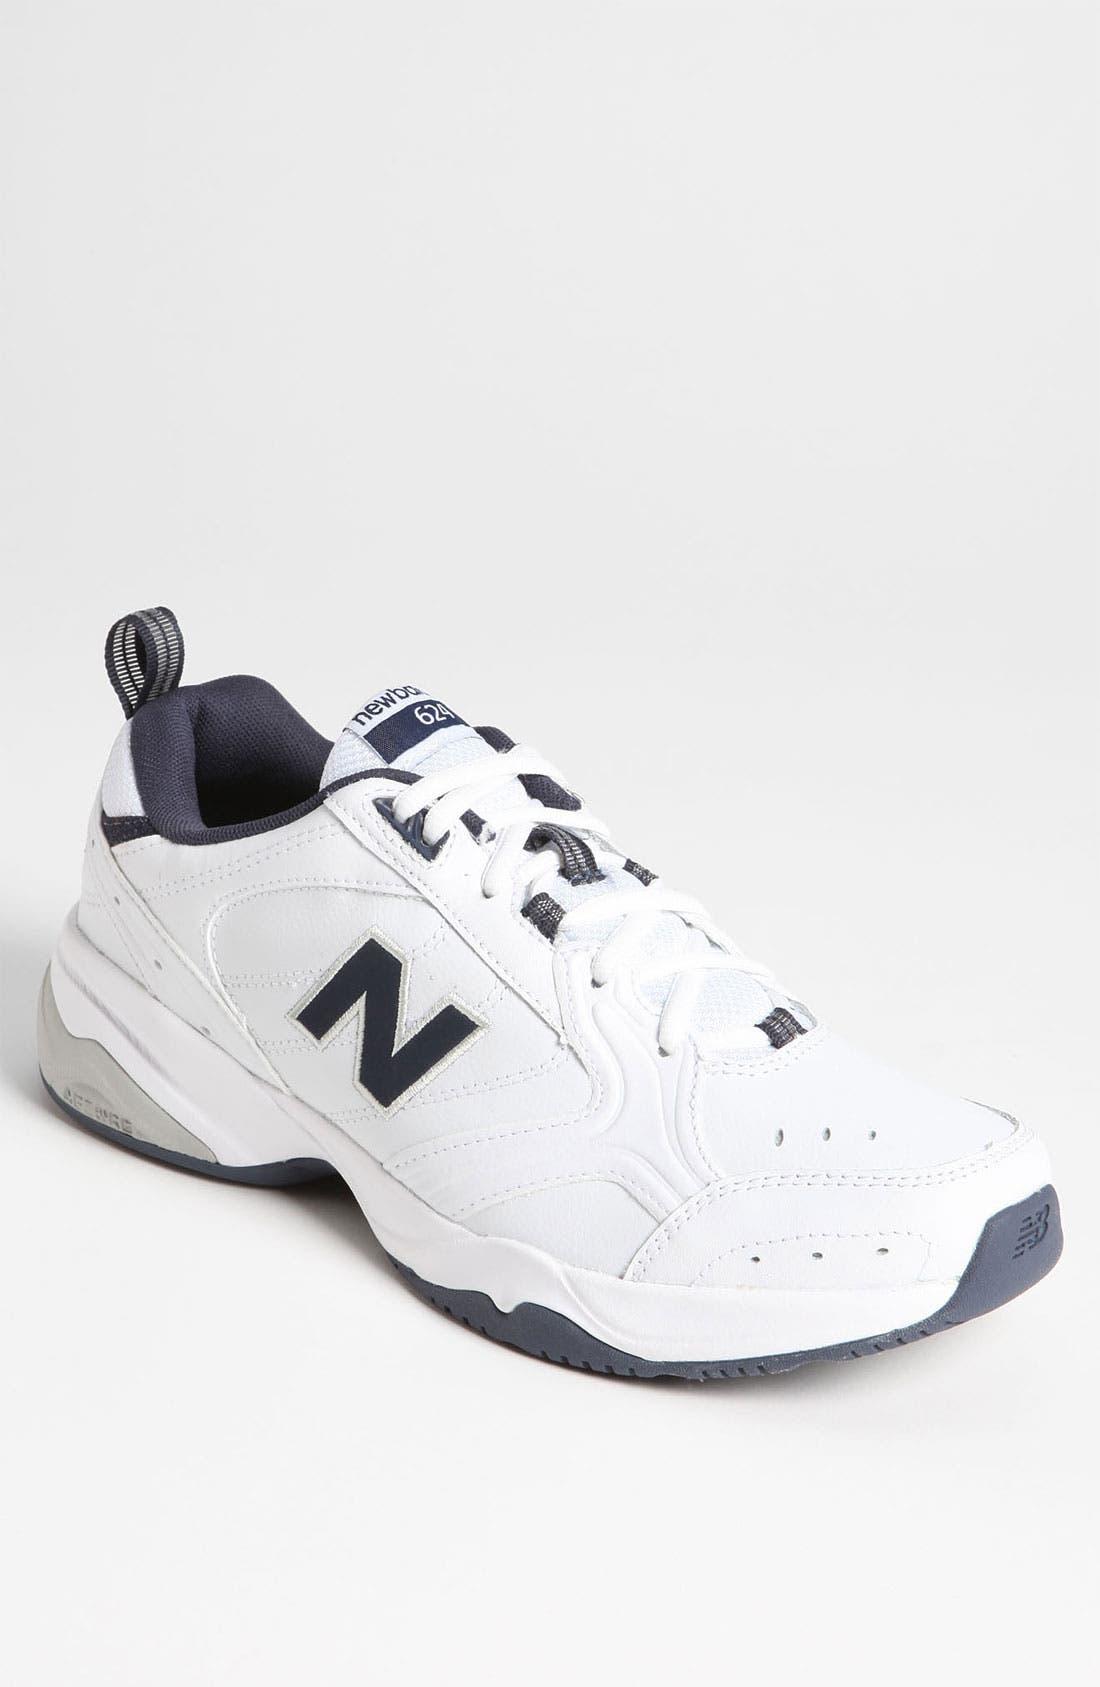 Main Image - New Balance '624' Training Shoe